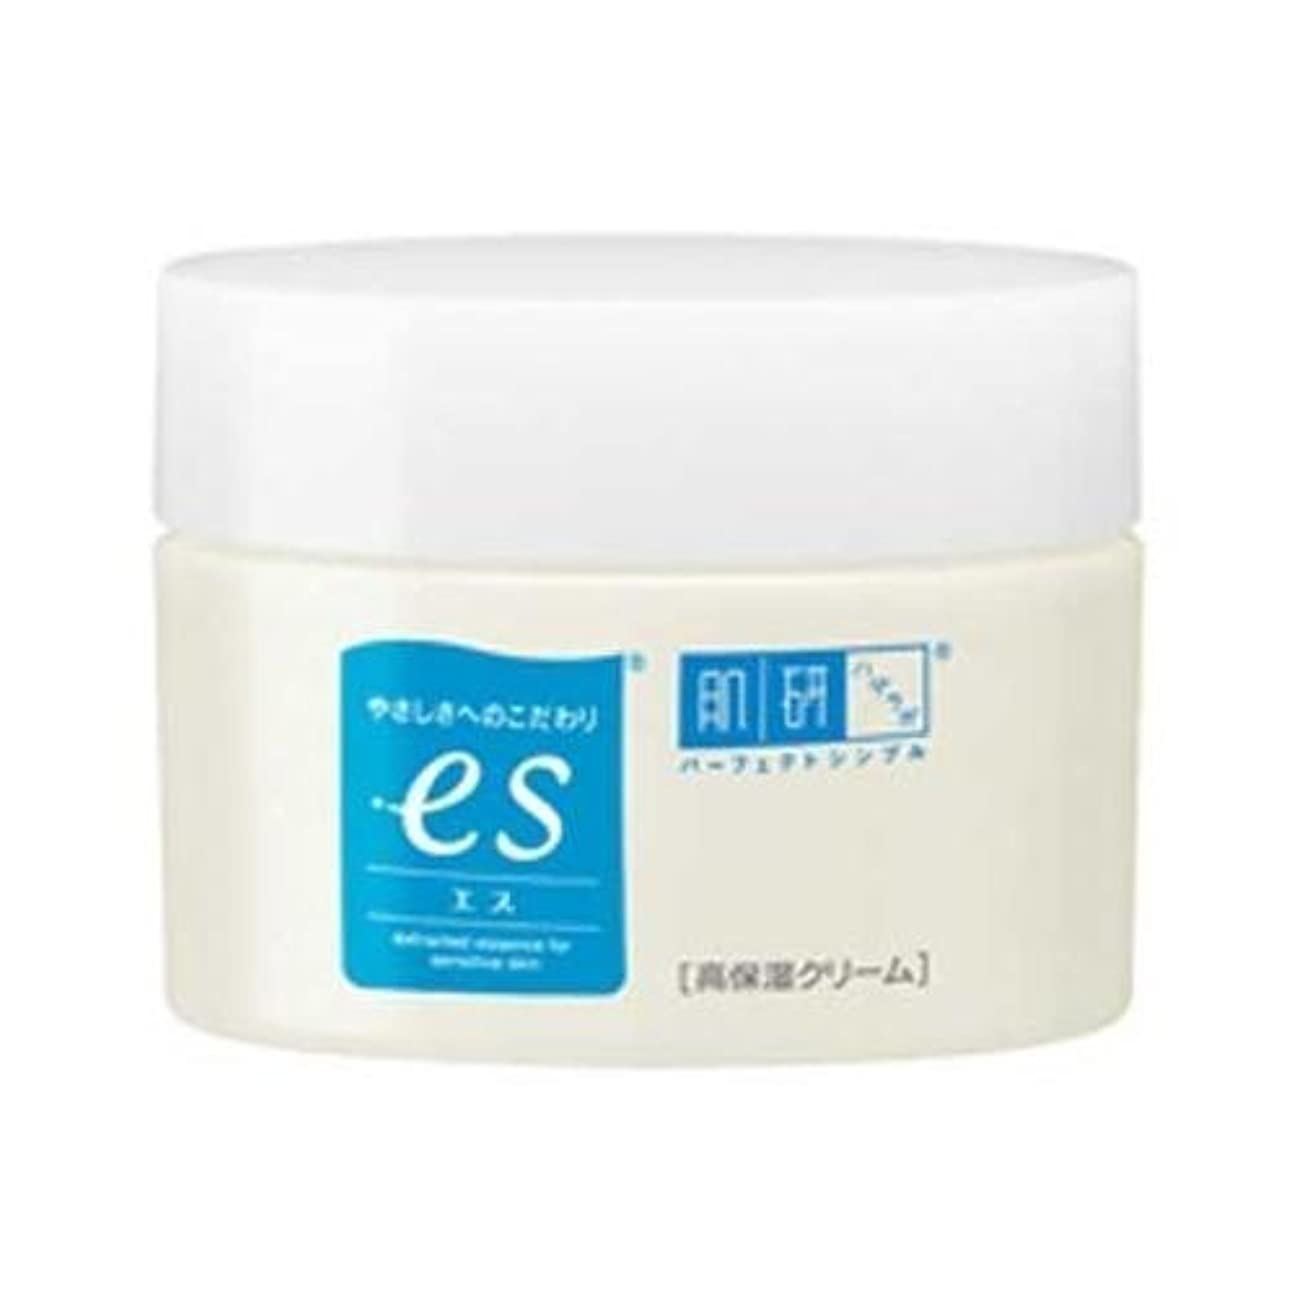 払い戻しケープピック肌ラボ es(エス) ナノ化ミネラルヒアルロン酸配合 無添加処方 高保湿クリーム 50g